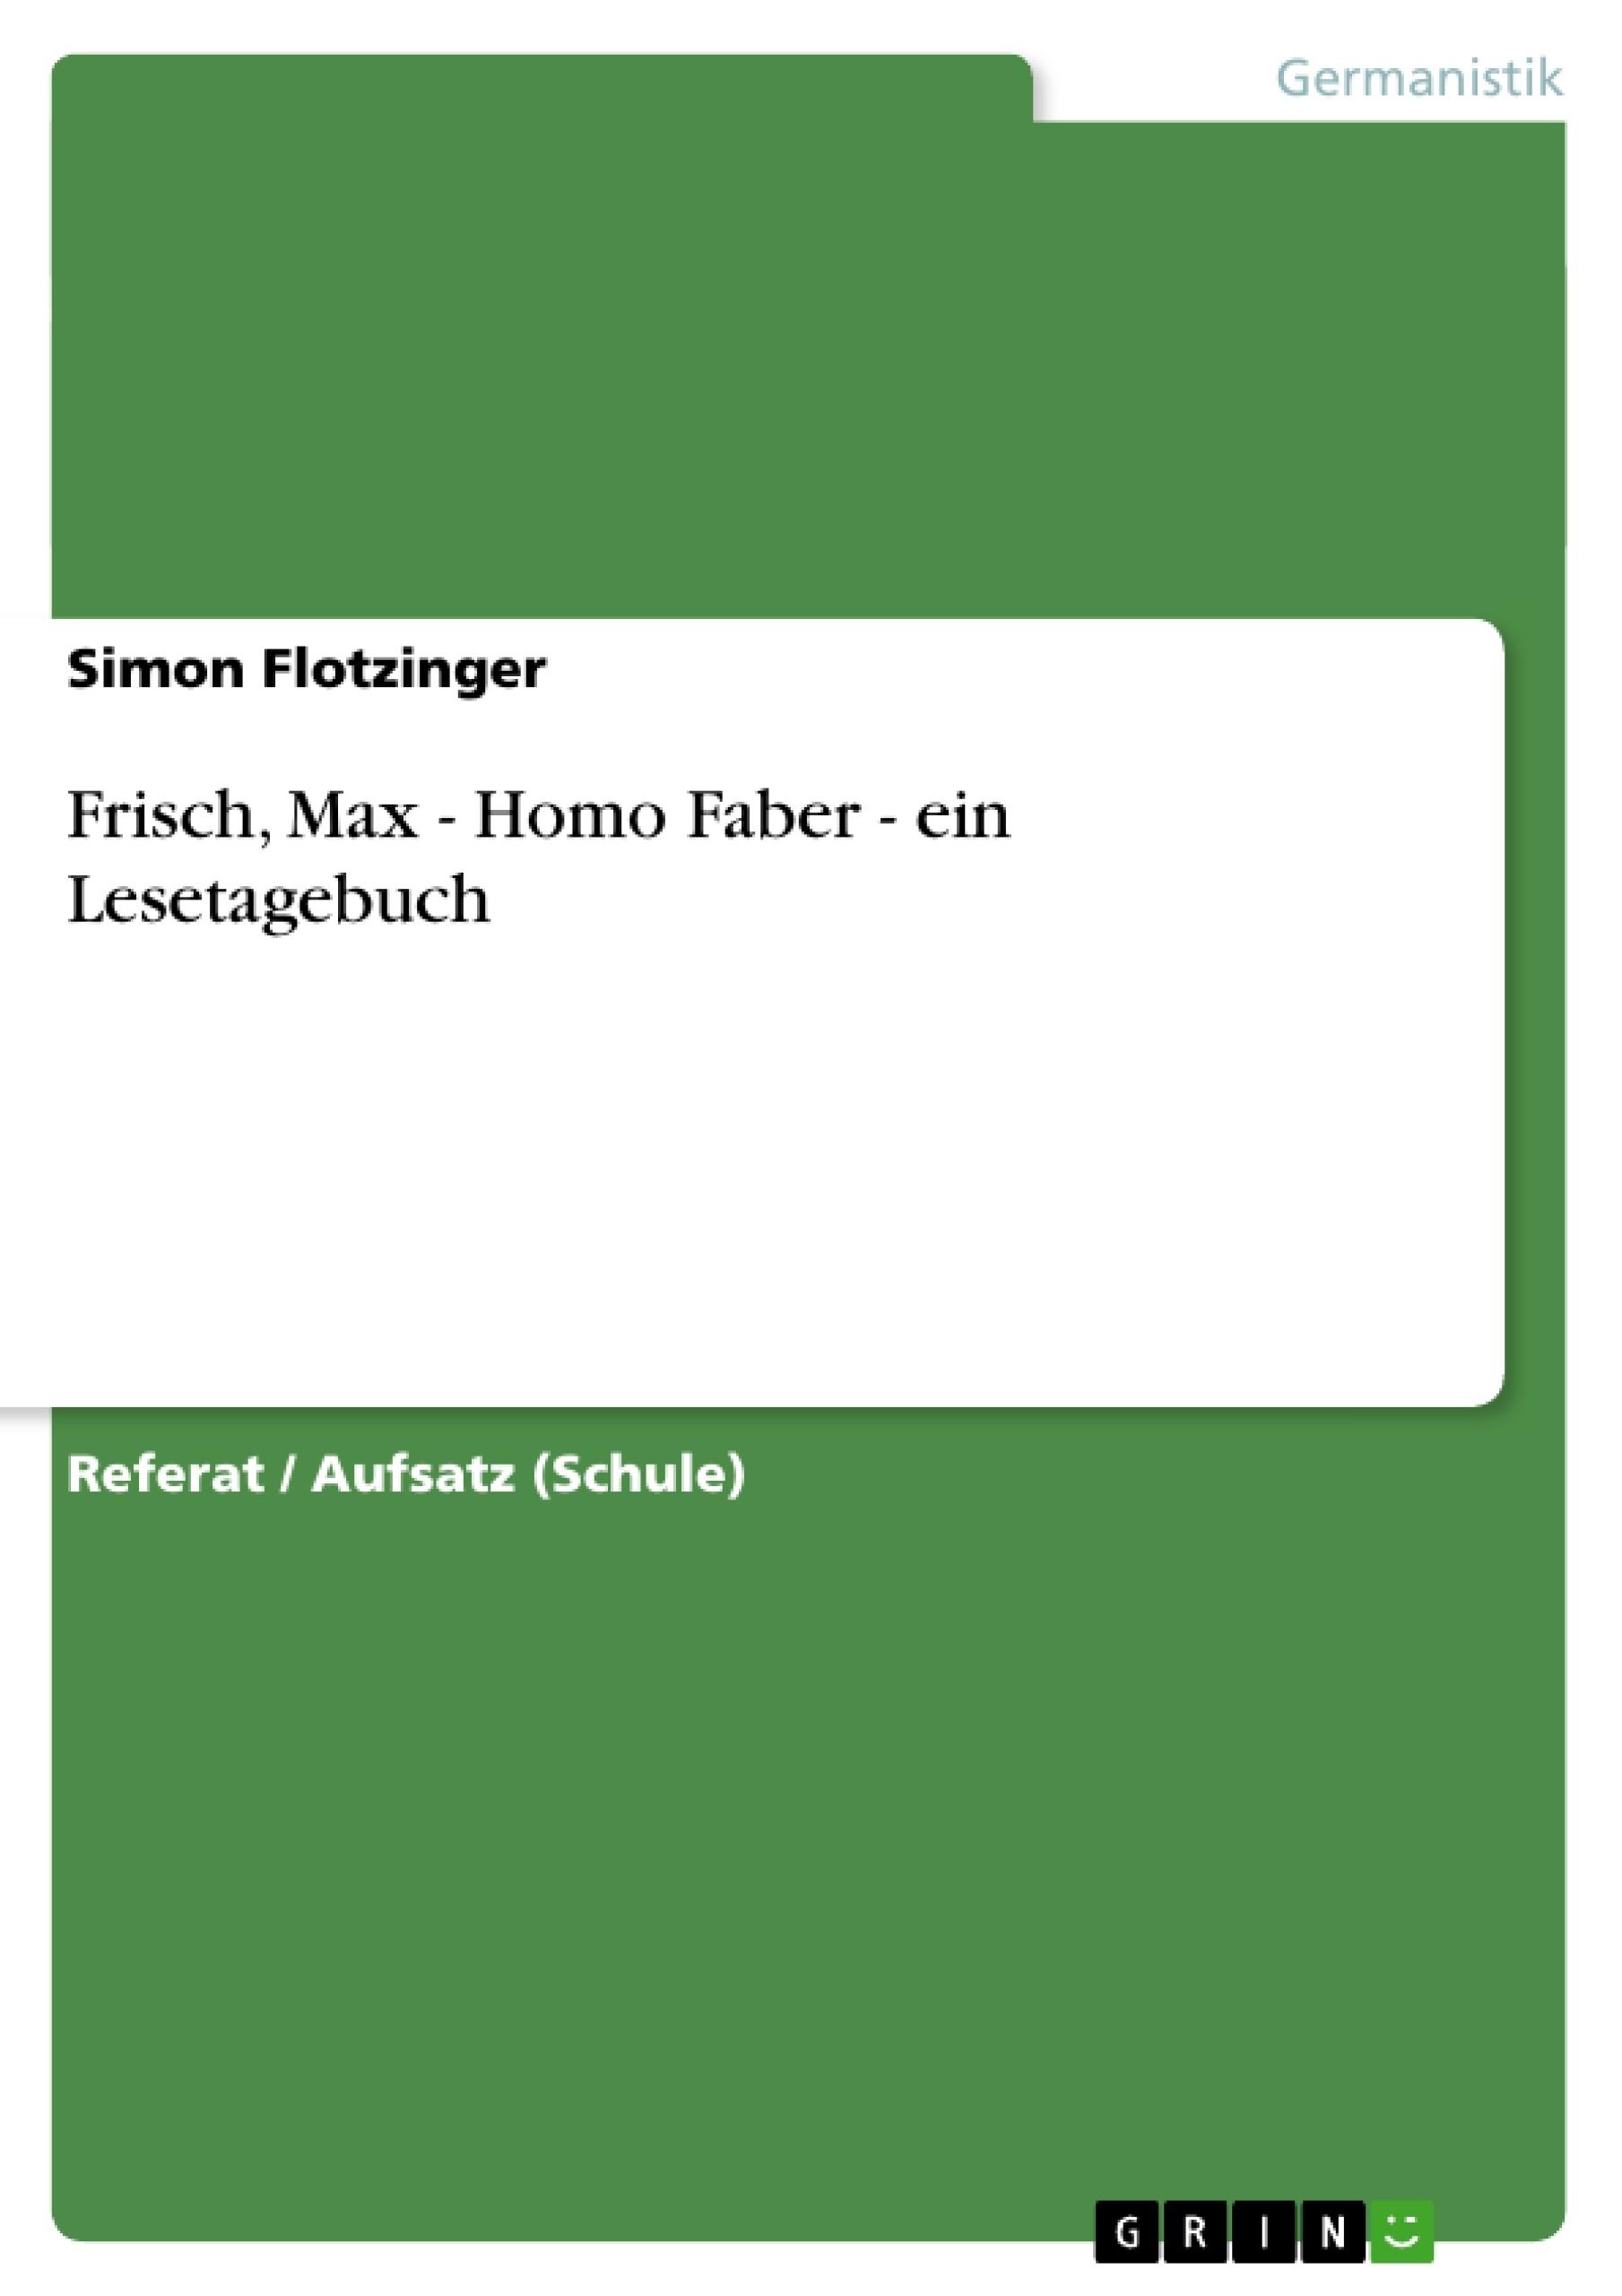 Titel: Frisch, Max - Homo Faber - ein Lesetagebuch